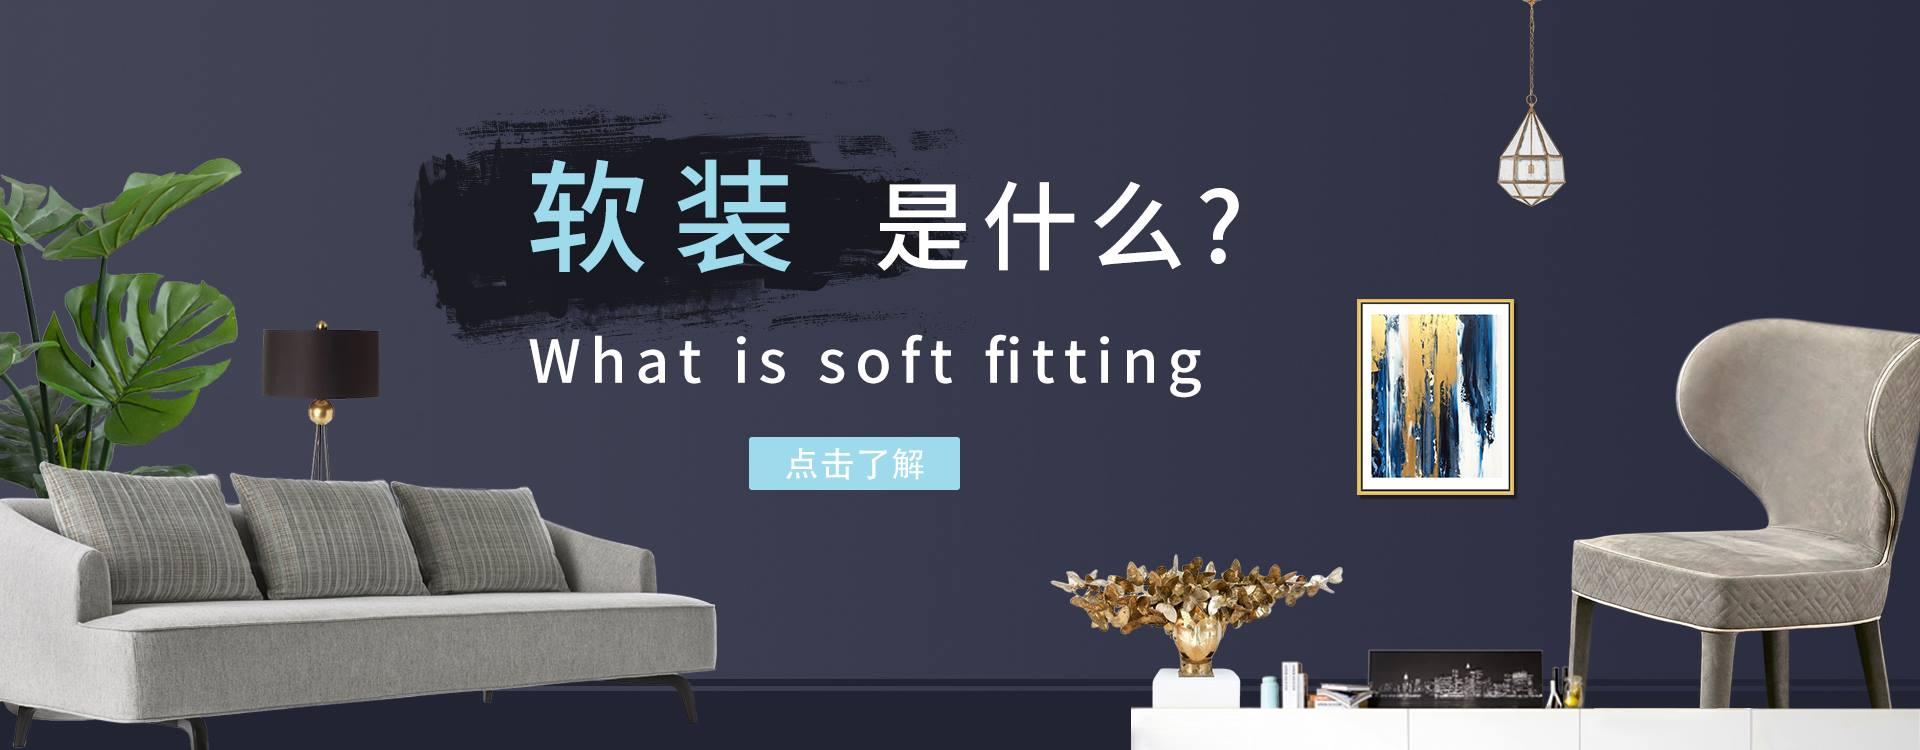 软装是什么